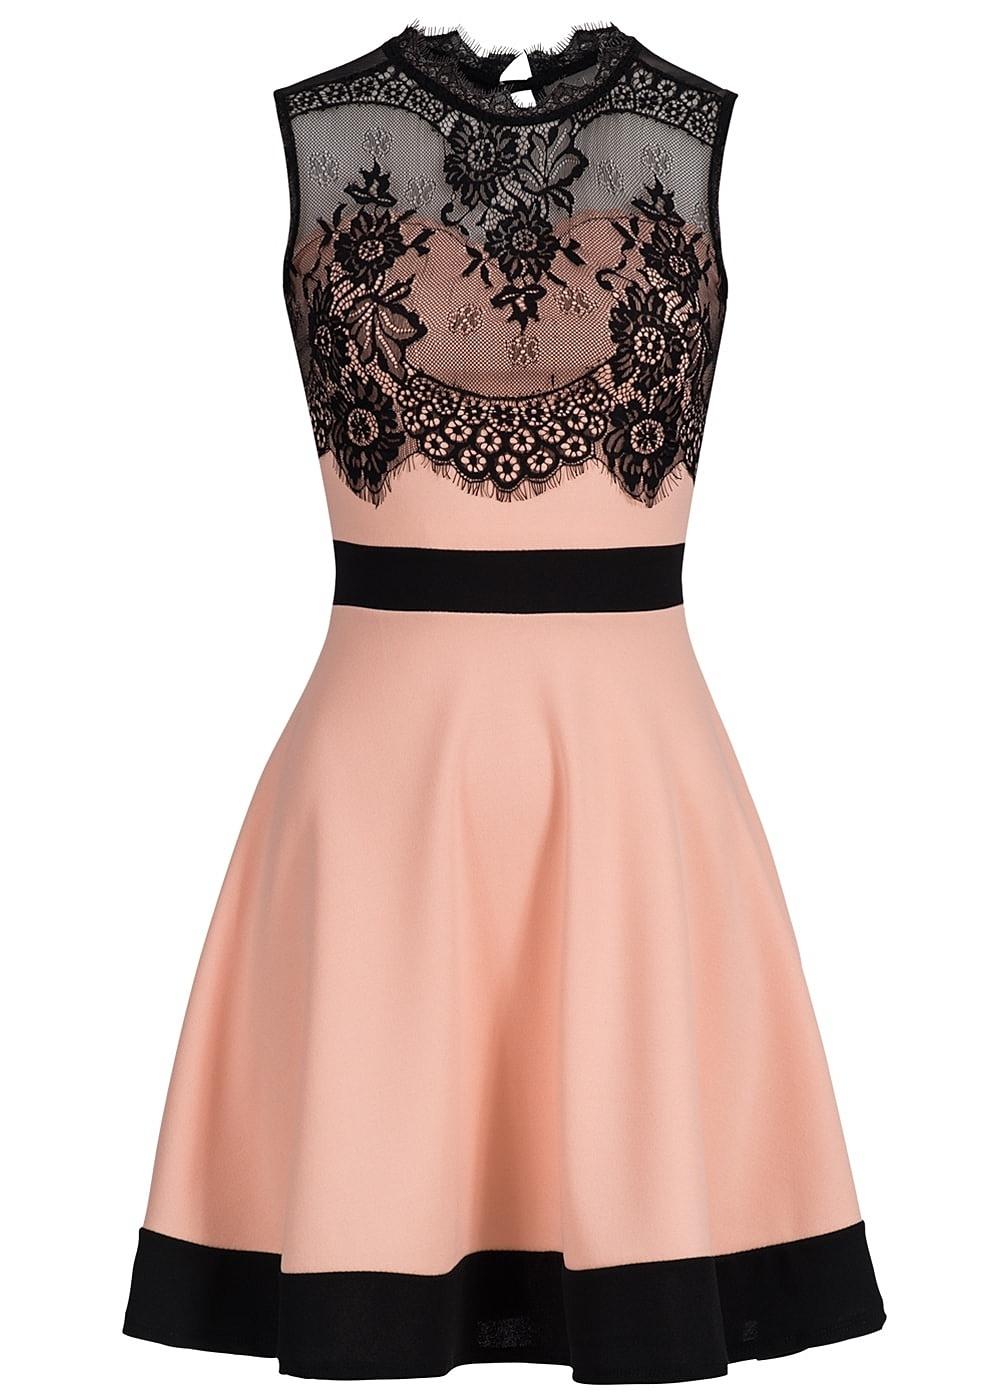 17 Großartig Kleid Schwarz Spitze für 201915 Ausgezeichnet Kleid Schwarz Spitze Vertrieb